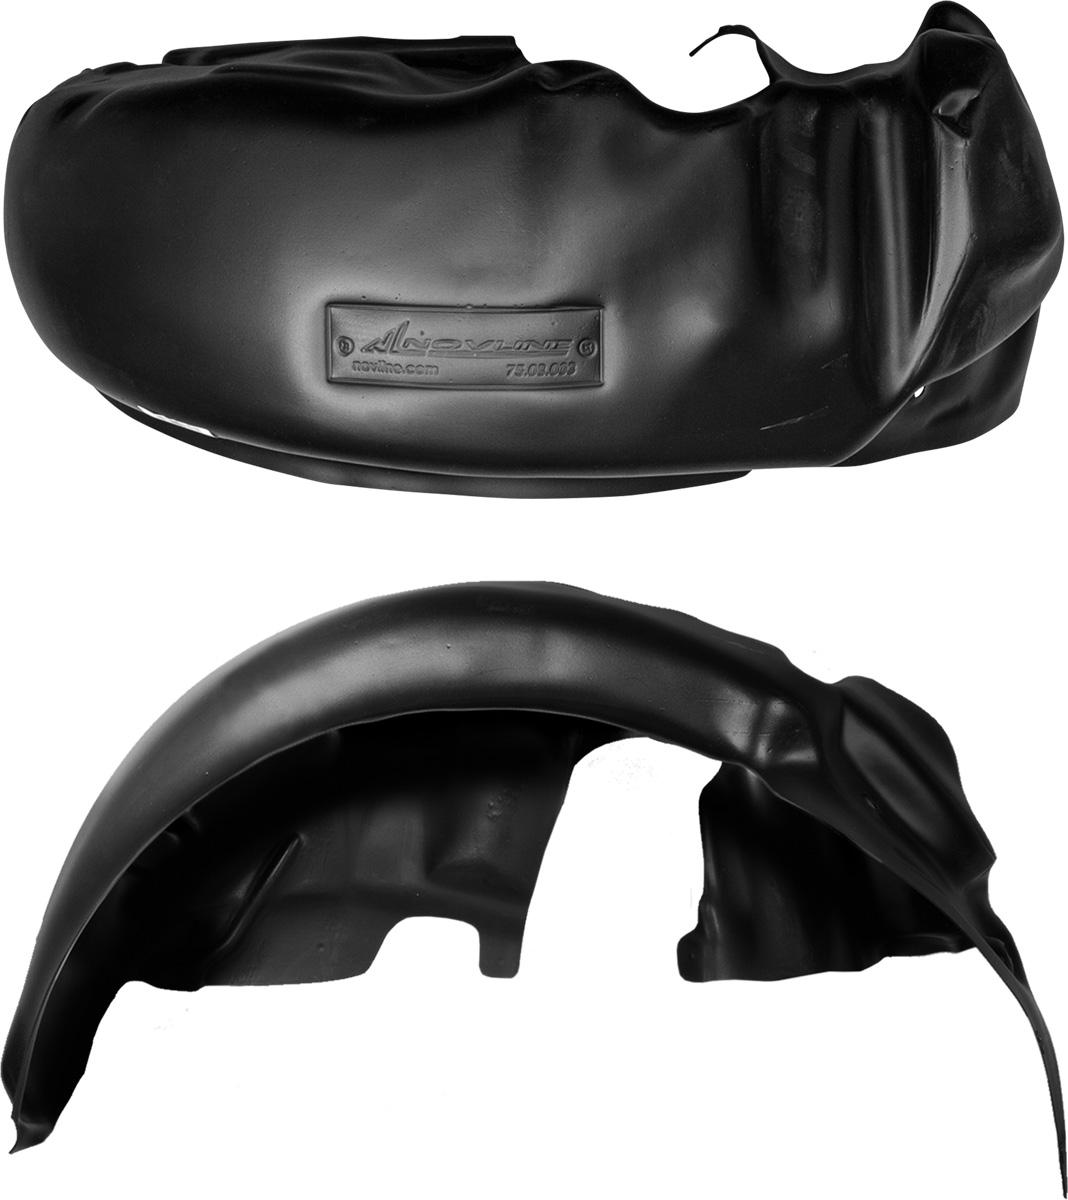 Подкрылок DAEWOO Matiz 2005->, задний правый1904Колесные ниши – одни из самых уязвимых зон днища вашего автомобиля. Они постоянно подвергаются воздействию со стороны дороги. Лучшая, почти абсолютная защита для них - специально отформованные пластиковые кожухи, которые называются подкрылками, или локерами. Производятся они как для отечественных моделей автомобилей, так и для иномарок. Подкрылки выполнены из высококачественного, экологически чистого пластика. Обеспечивают надежную защиту кузова автомобиля от пескоструйного эффекта и негативного влияния, агрессивных антигололедных реагентов. Пластик обладает более низкой теплопроводностью, чем металл, поэтому в зимний период эксплуатации использование пластиковых подкрылков позволяет лучше защитить колесные ниши от налипания снега и образования наледи. Оригинальность конструкции подчеркивает элегантность автомобиля, бережно защищает нанесенное на днище кузова антикоррозийное покрытие и позволяет осуществить крепление подкрылков внутри колесной арки практически без дополнительного...